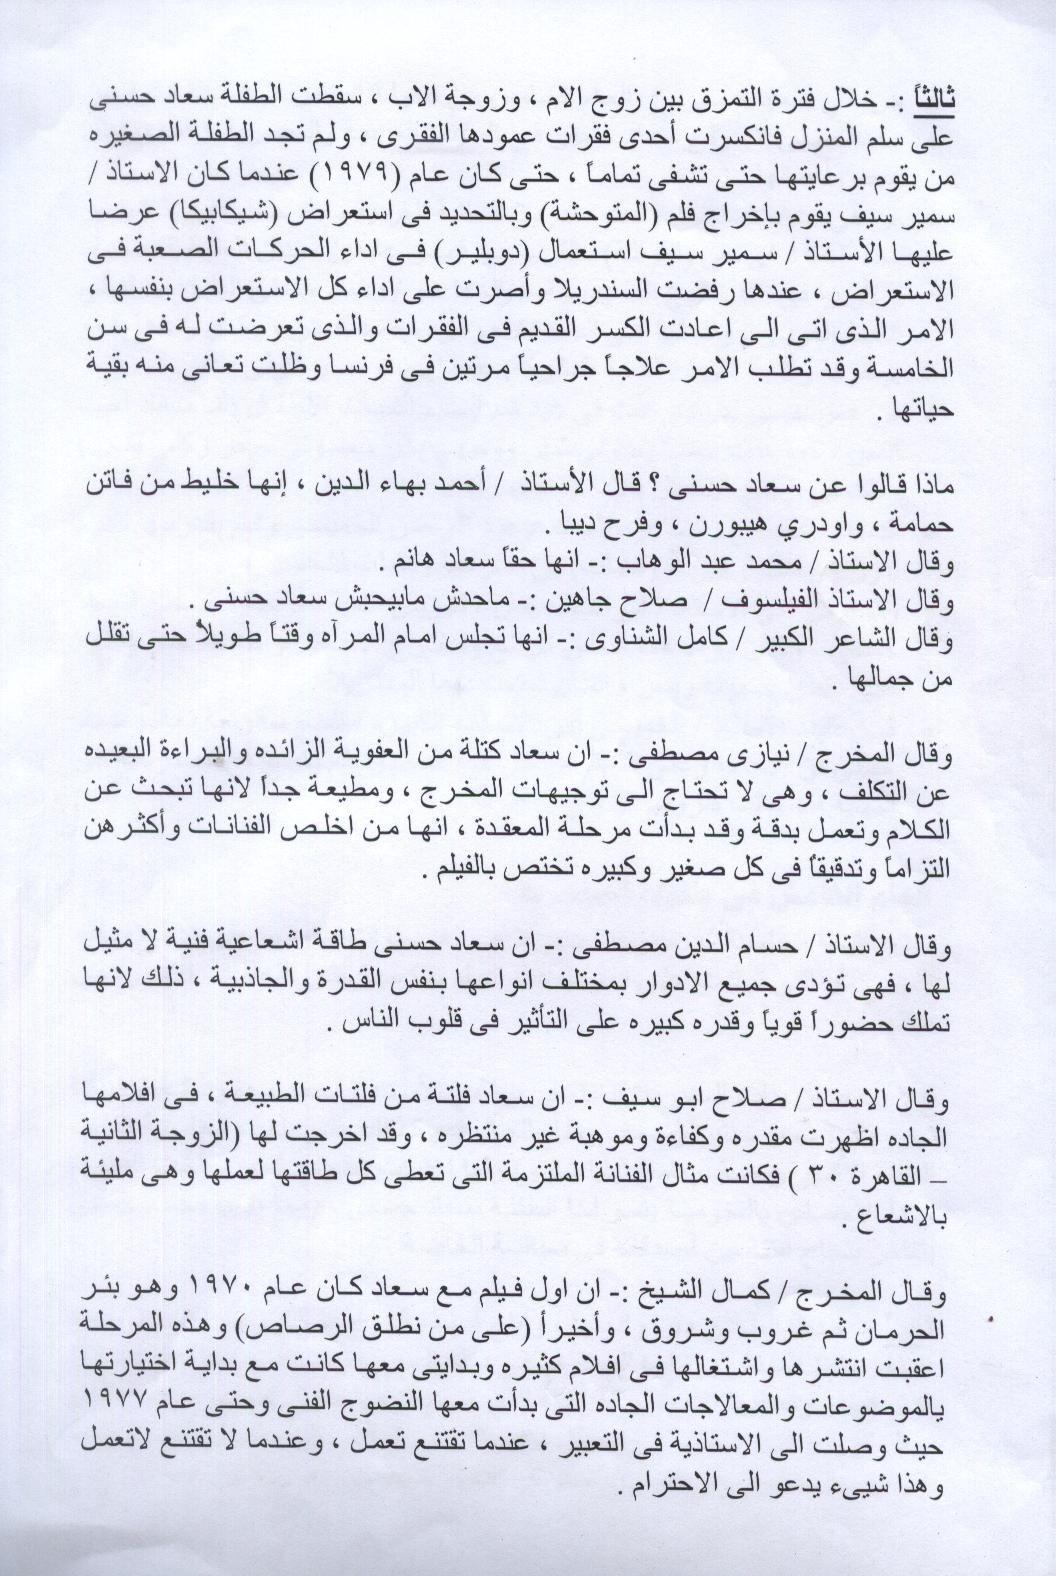 مقال - مقال صحفي : قصة حياة سعاد حسني .. مأخوذة من أحد الكتب 2006 (؟) م 2yl5nvo